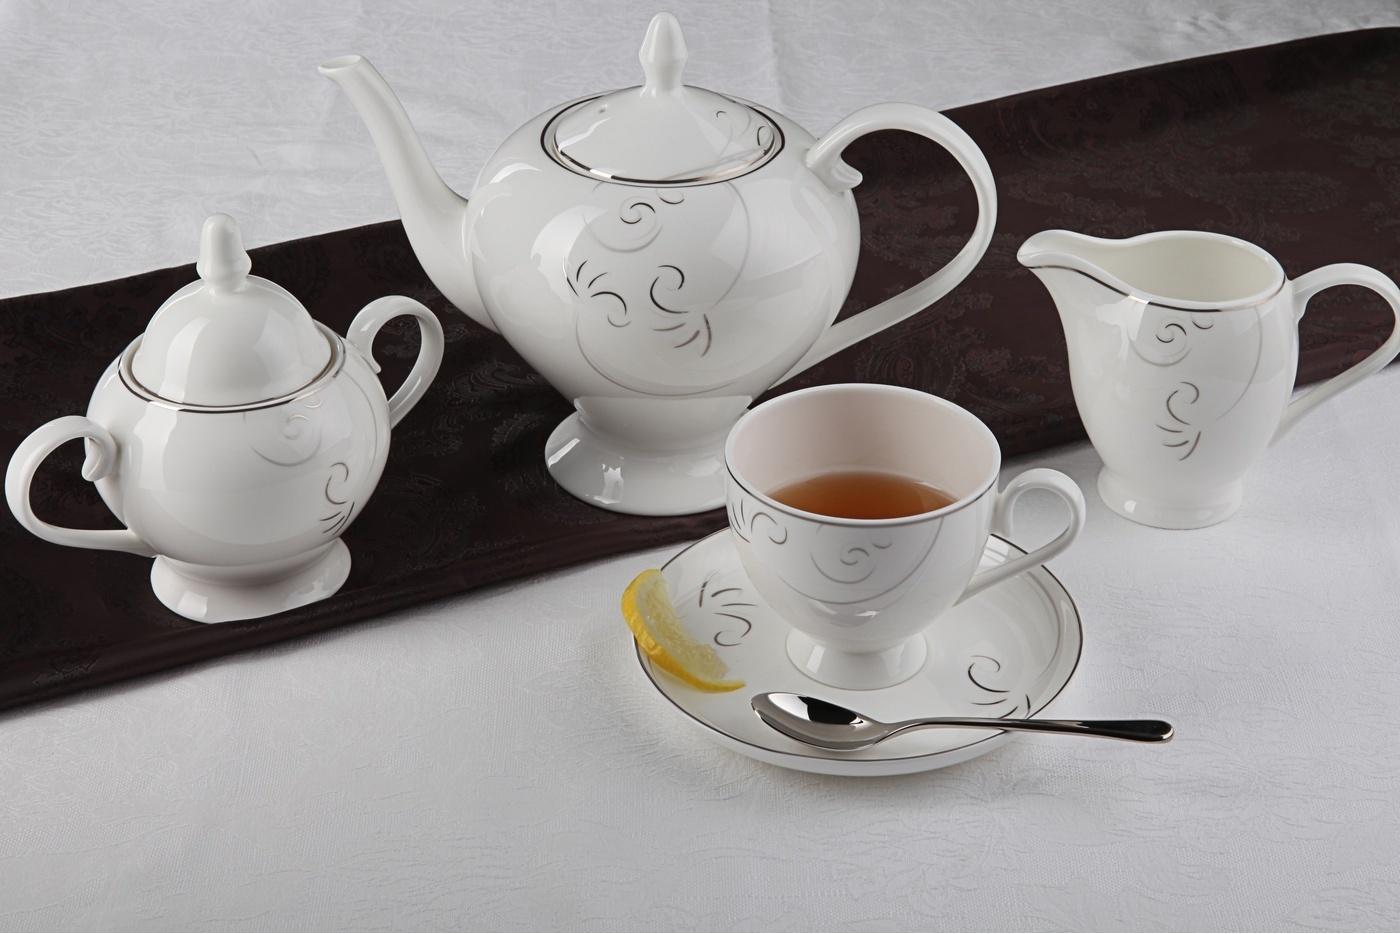 Чайный сервиз Royal Aurel Лоза арт.108, 15 предметовЧайные сервизы<br>Чайный сервиз Royal Aurel Лоза арт.108, 15 предметов<br><br><br><br><br><br><br><br><br><br><br>Чашка 270 мл,6 шт.<br>Блюдце 15 см,6 шт.<br>Чайник 1100 мл<br>Сахарница 370 мл<br><br><br><br><br><br><br><br><br>Молочник 300 мл<br><br><br><br><br><br><br><br><br>Производить посуду из фарфора начали в Китае на стыке 6-7 веков. Неустанно совершенствуя и селективно отбирая сырье для производства посуды из фарфора, мастерам удалось добиться выдающихся характеристик фарфора: белизны и тонкостенности. В XV веке появился особый интерес к китайской фарфоровой посуде, так как в это время Европе возникла мода на самобытные китайские вещи. Роскошный китайский фарфор являлся изыском и был в новинку, поэтому он выступал в качестве подарка королям, а также знатным людям. Такой дорогой подарок был очень престижен и по праву являлся элитной посудой. Как известно из многочисленных исторических документов, в Европе китайские изделия из фарфора ценились практически как золото. <br>Проверка изделий из костяного фарфора на подлинность <br>По сравнению с производством других видов фарфора процесс производства изделий из настоящего костяного фарфора сложен и весьма длителен. Посуда из изящного фарфора - это элитная посуда, которая всегда ассоциируется с богатством, величием и благородством. Несмотря на небольшую толщину, фарфоровая посуда - это очень прочное изделие. Для демонстрации плотности и прочности фарфора можно легко коснуться предметов посуды из фарфора деревянной палочкой, и тогда мы услушим характерный металлический звон. В составе фарфоровой посуды присутствует костяная зола, благодаря чему она может быть намного тоньше (не более 2,5 мм) и легче твердого или мягкого фарфора. Безупречная белизна - ключевой признак отличия такого фарфора от других. Цвет обычного фарфора сероватый или ближе к голубоватому, а костяной фарфор будет всегда будет молочно-белого цвета. Характерная и немаловажная деталь - это невесомая